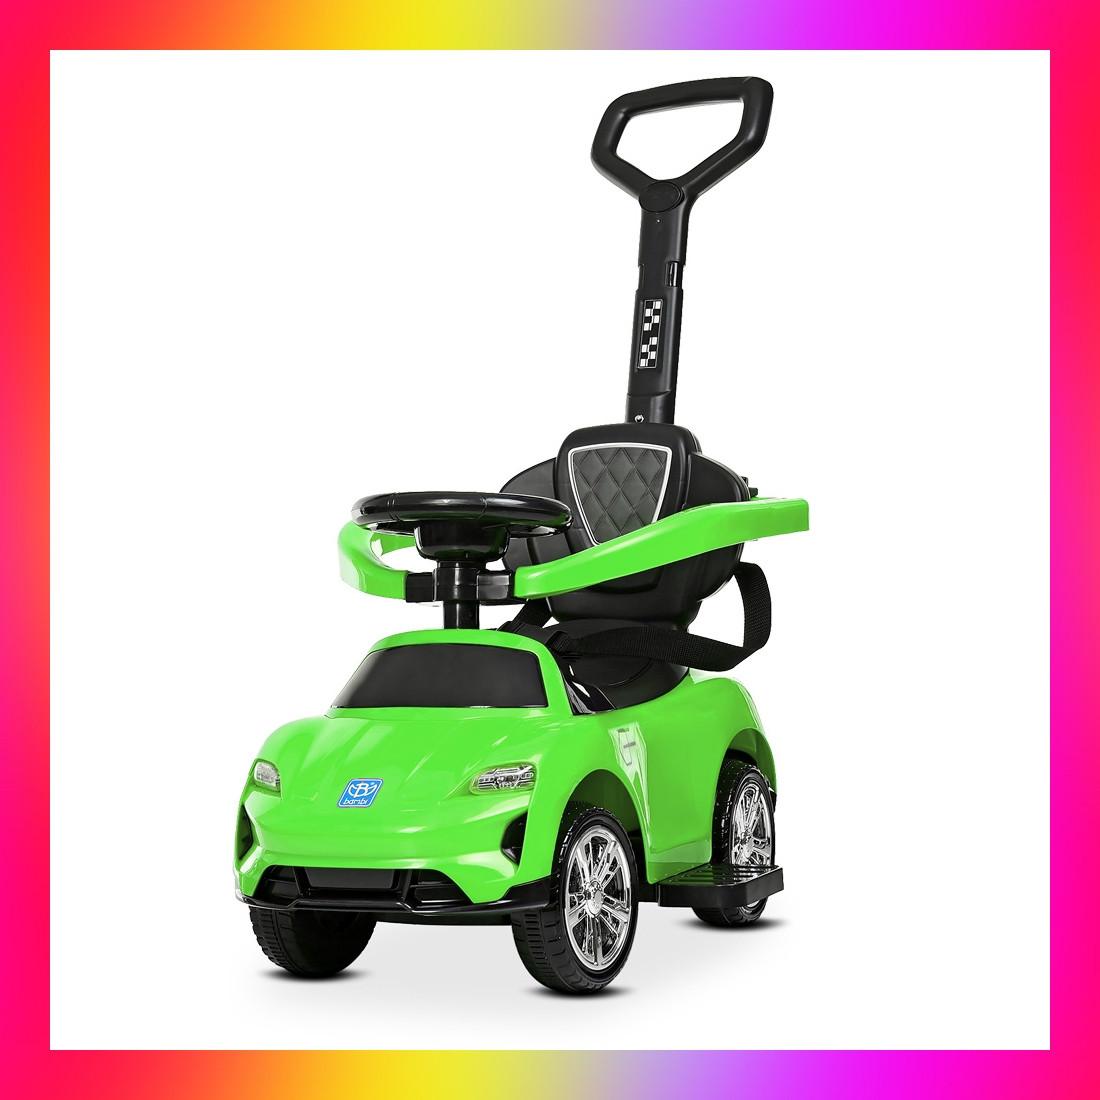 Детский электромобиль-толокар 2 в 1 трансформер с родительской ручкой , M 4290 зеленый